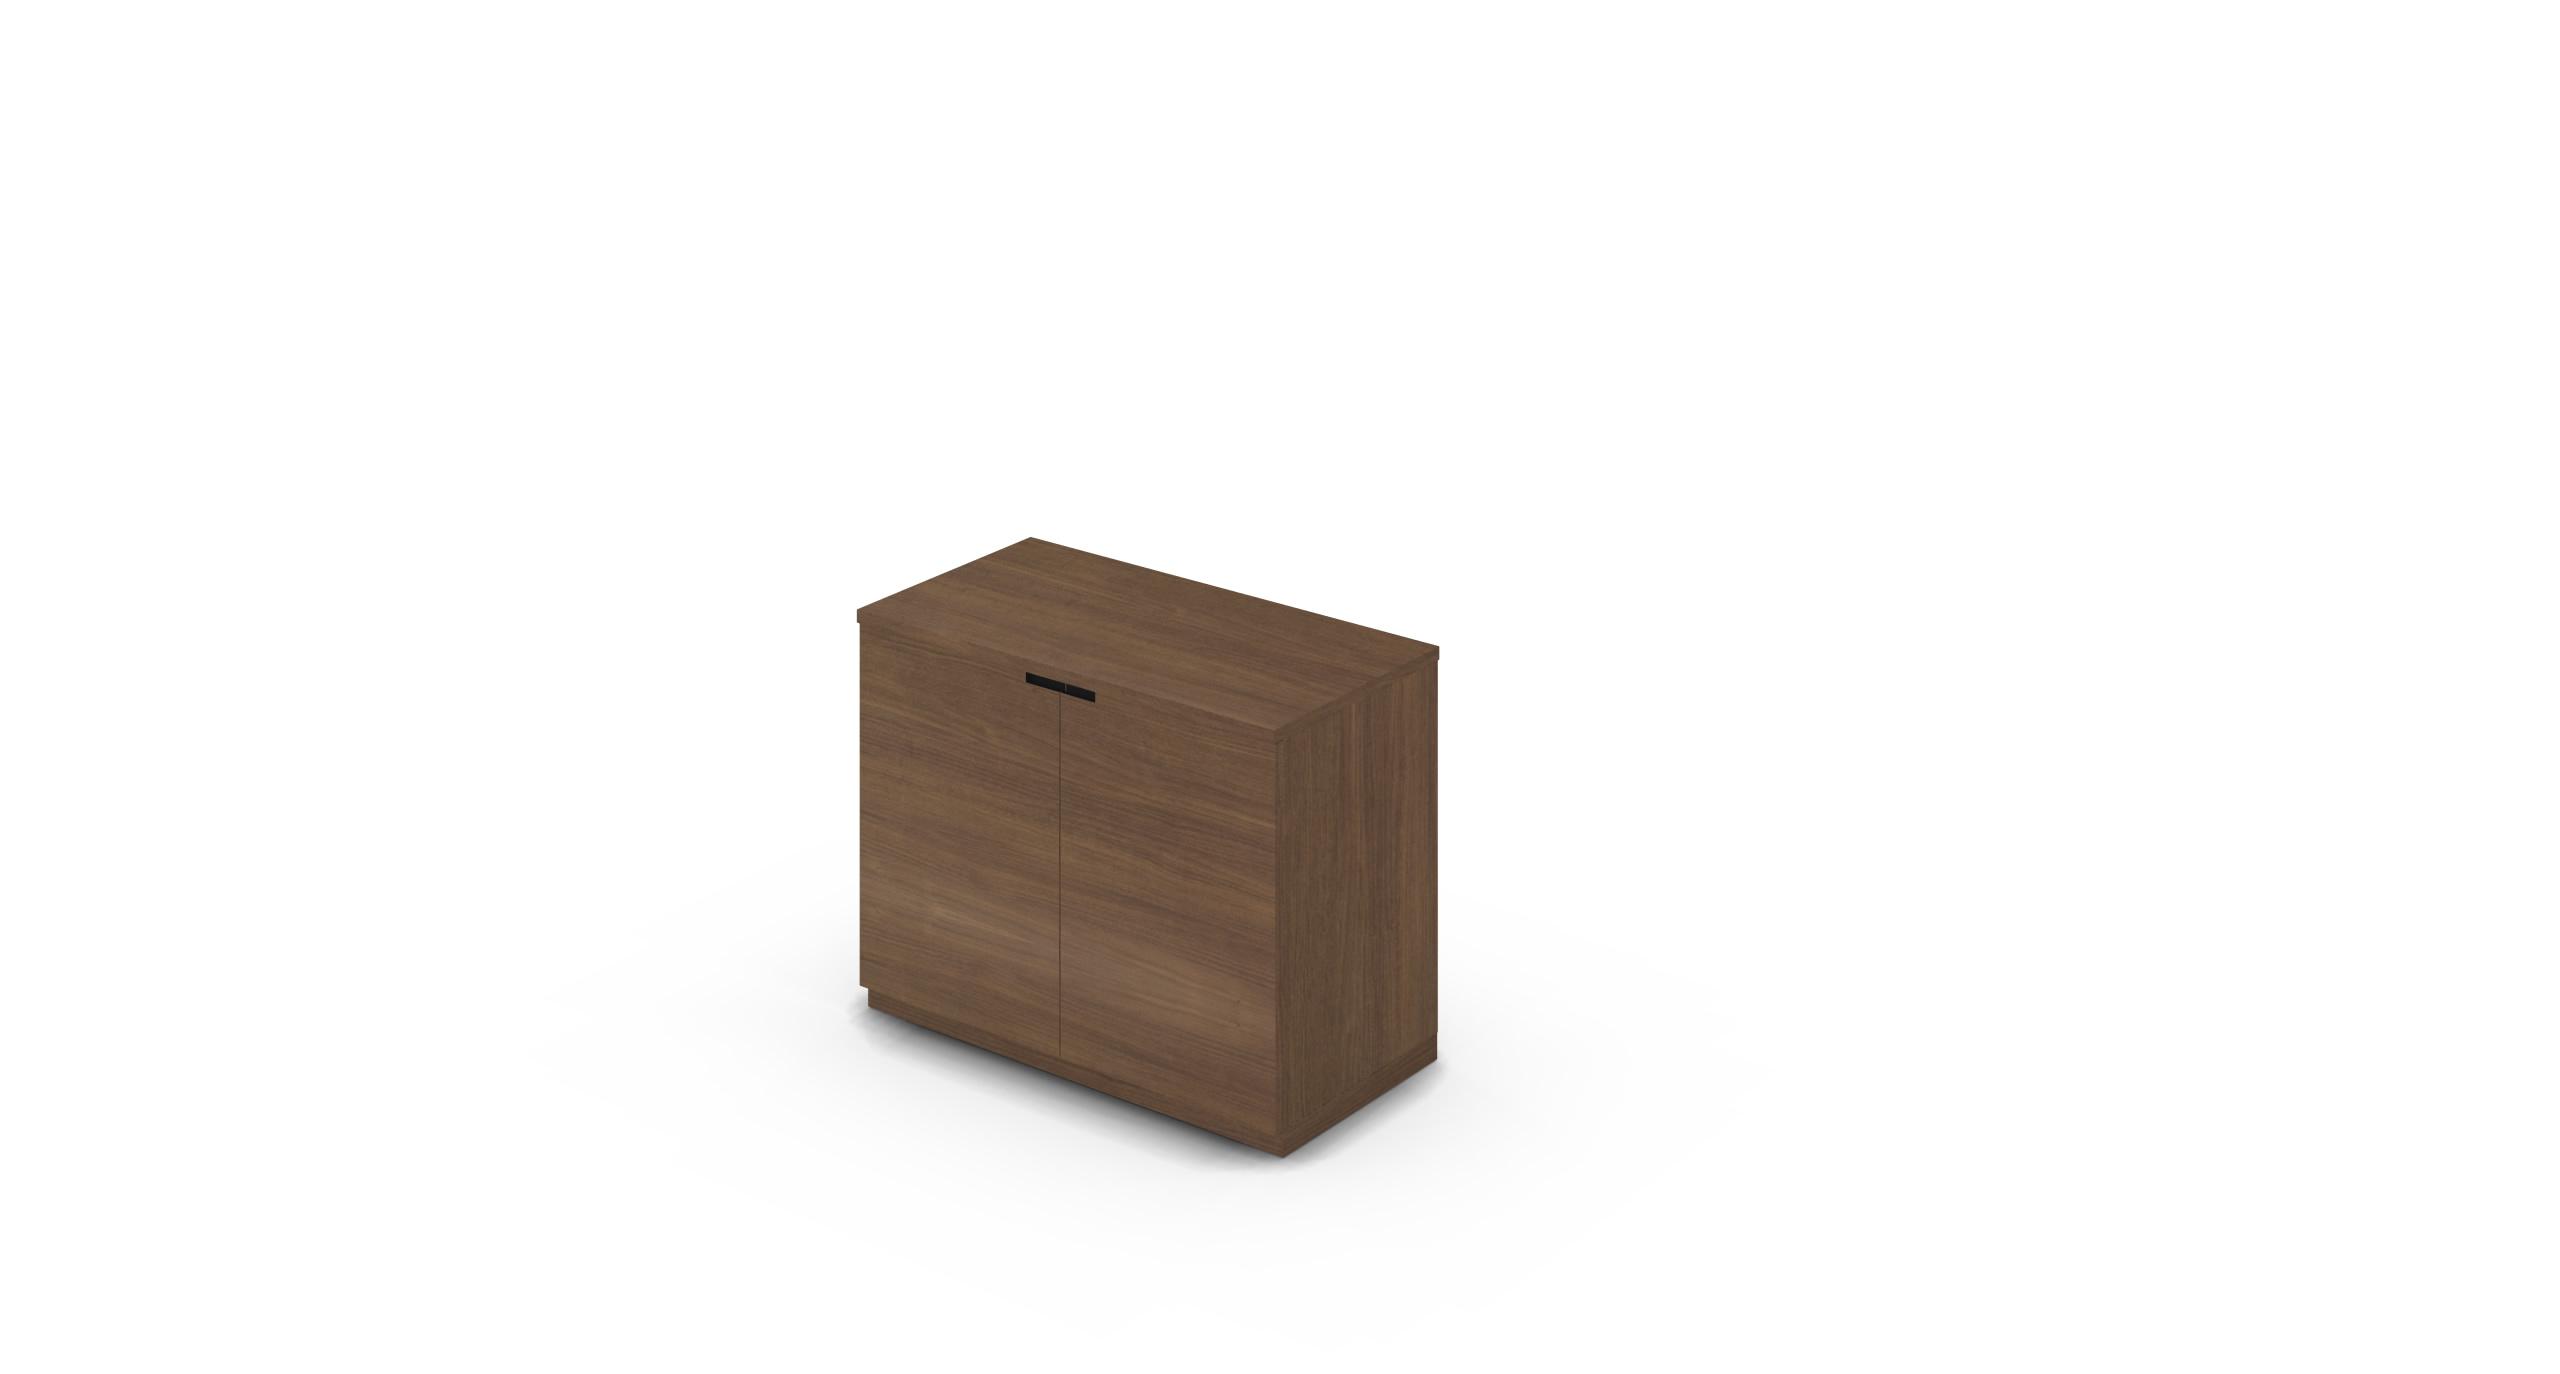 Cabinet_900x450x775_HD_Walnut_CutOut_NoCylinder